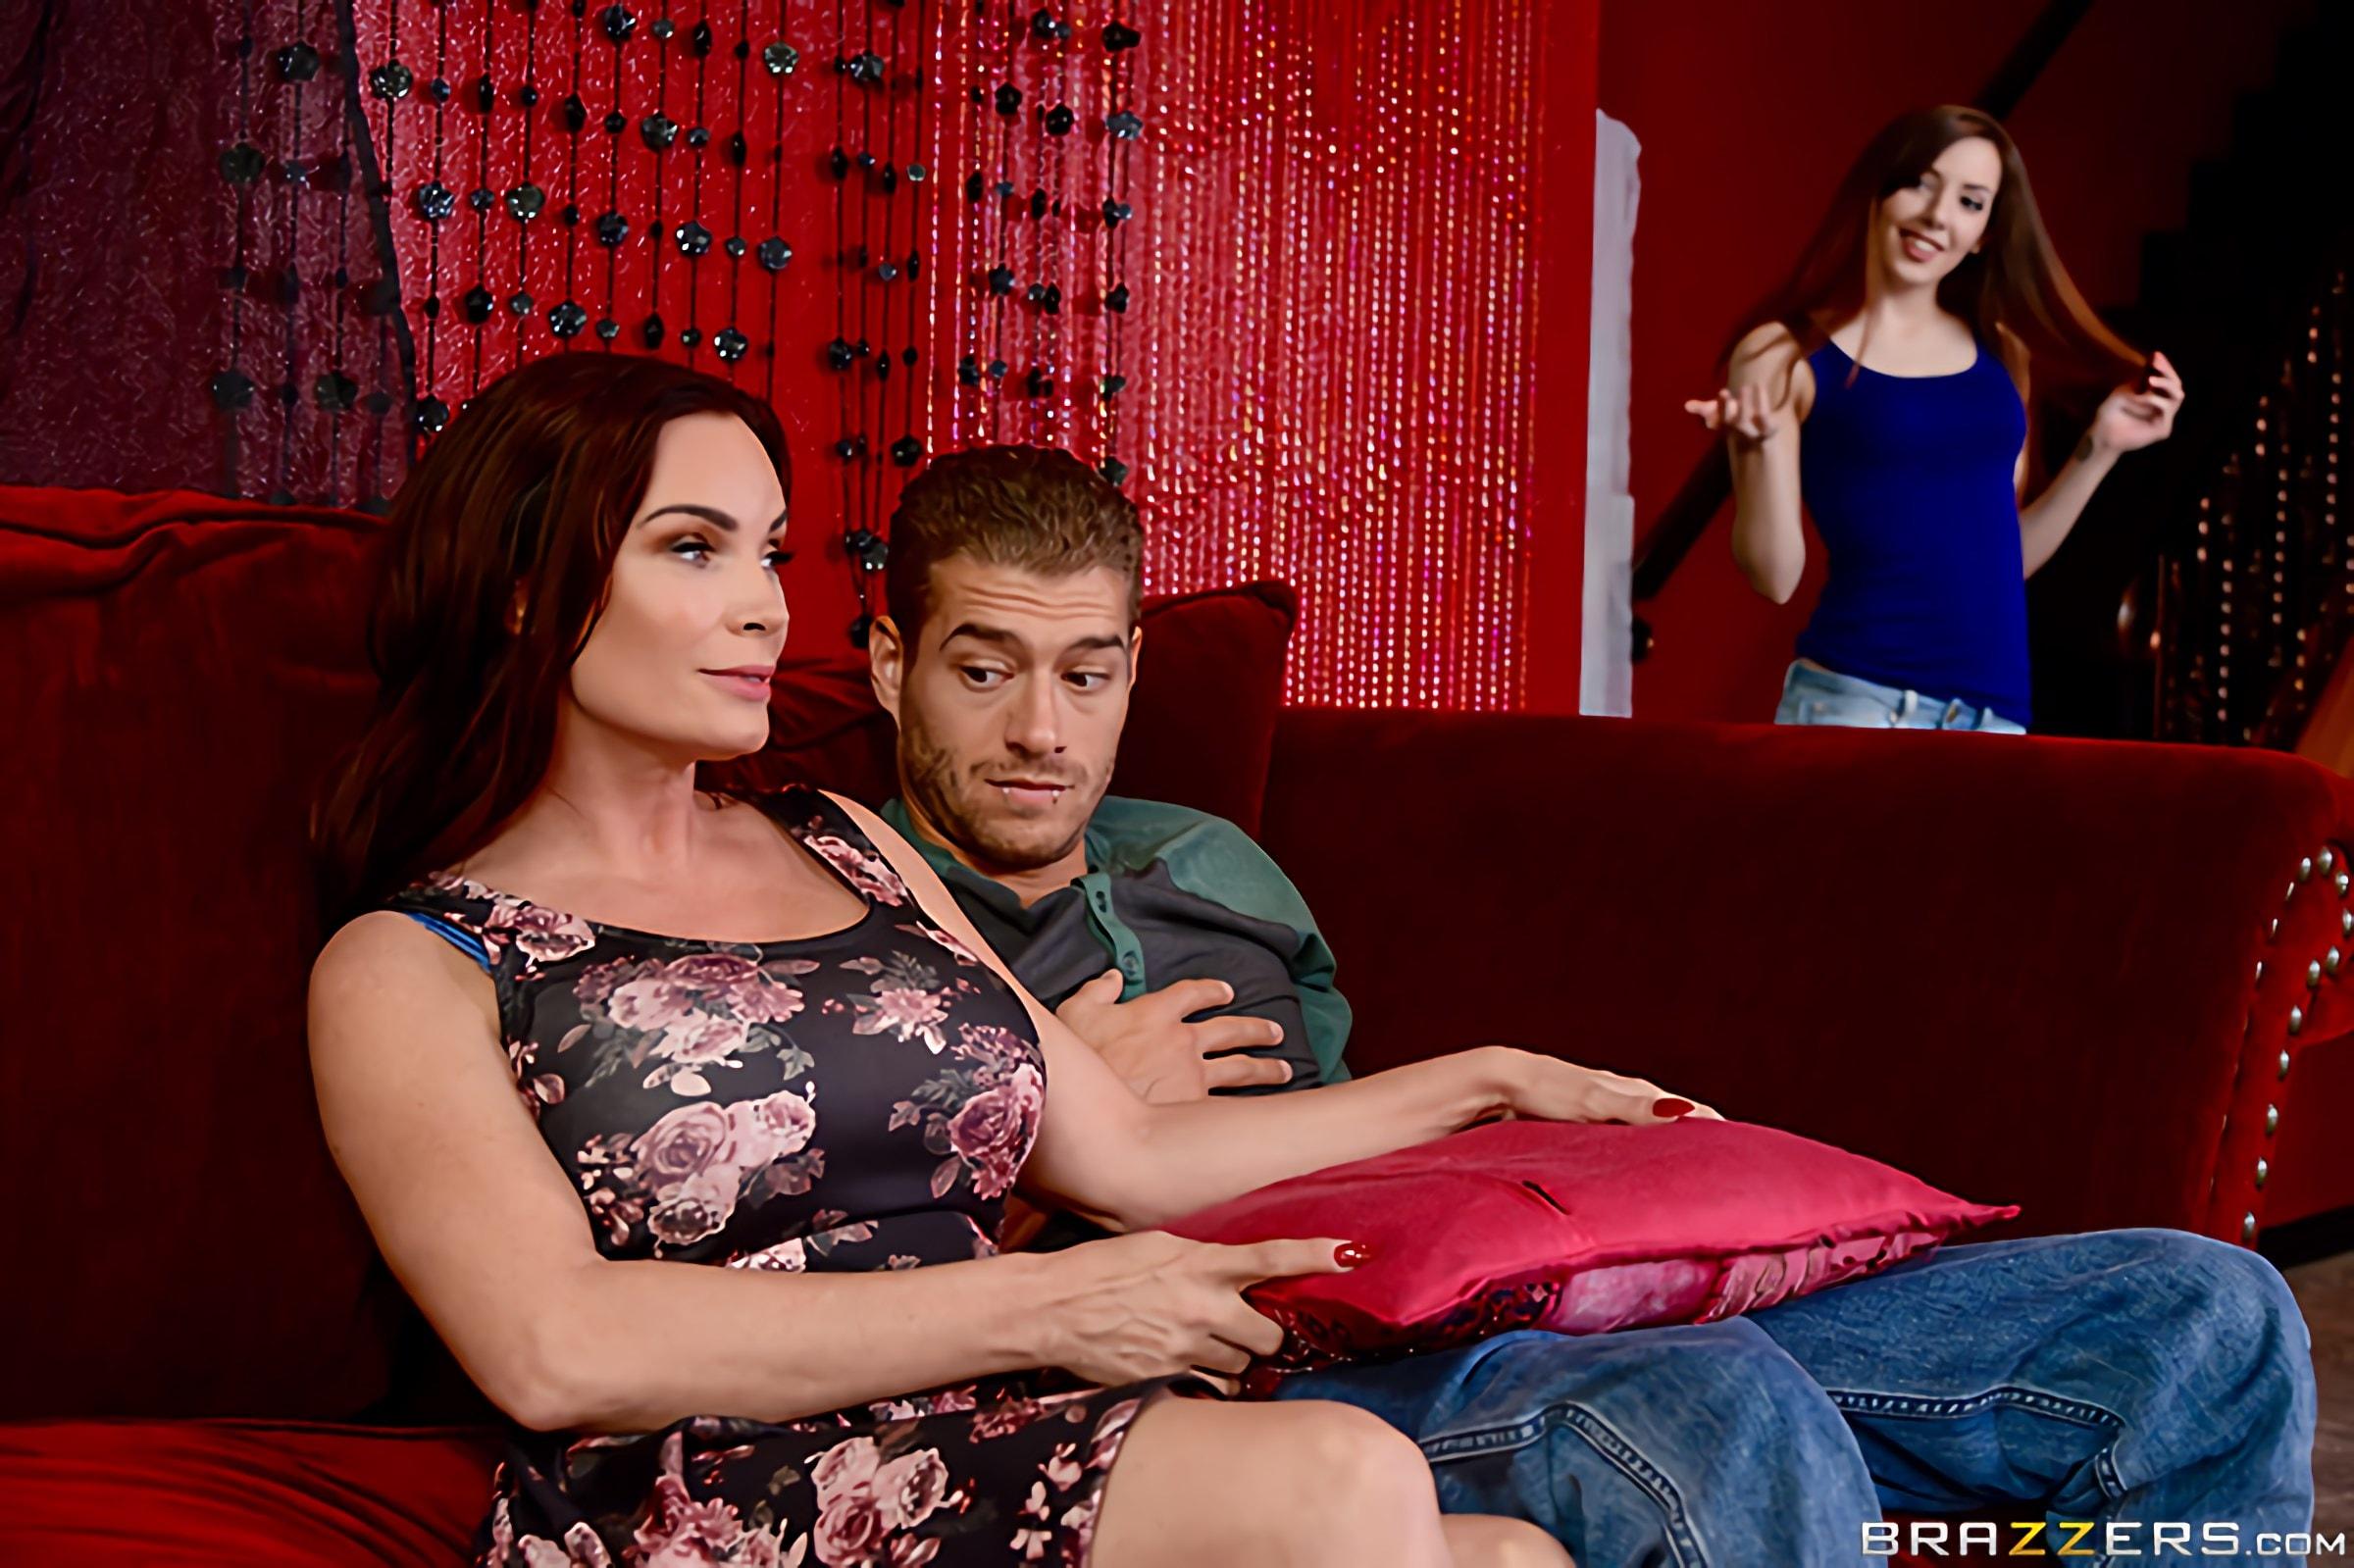 Brazzers 'My Dates Mom' starring Diamond Foxxx (Photo 10)